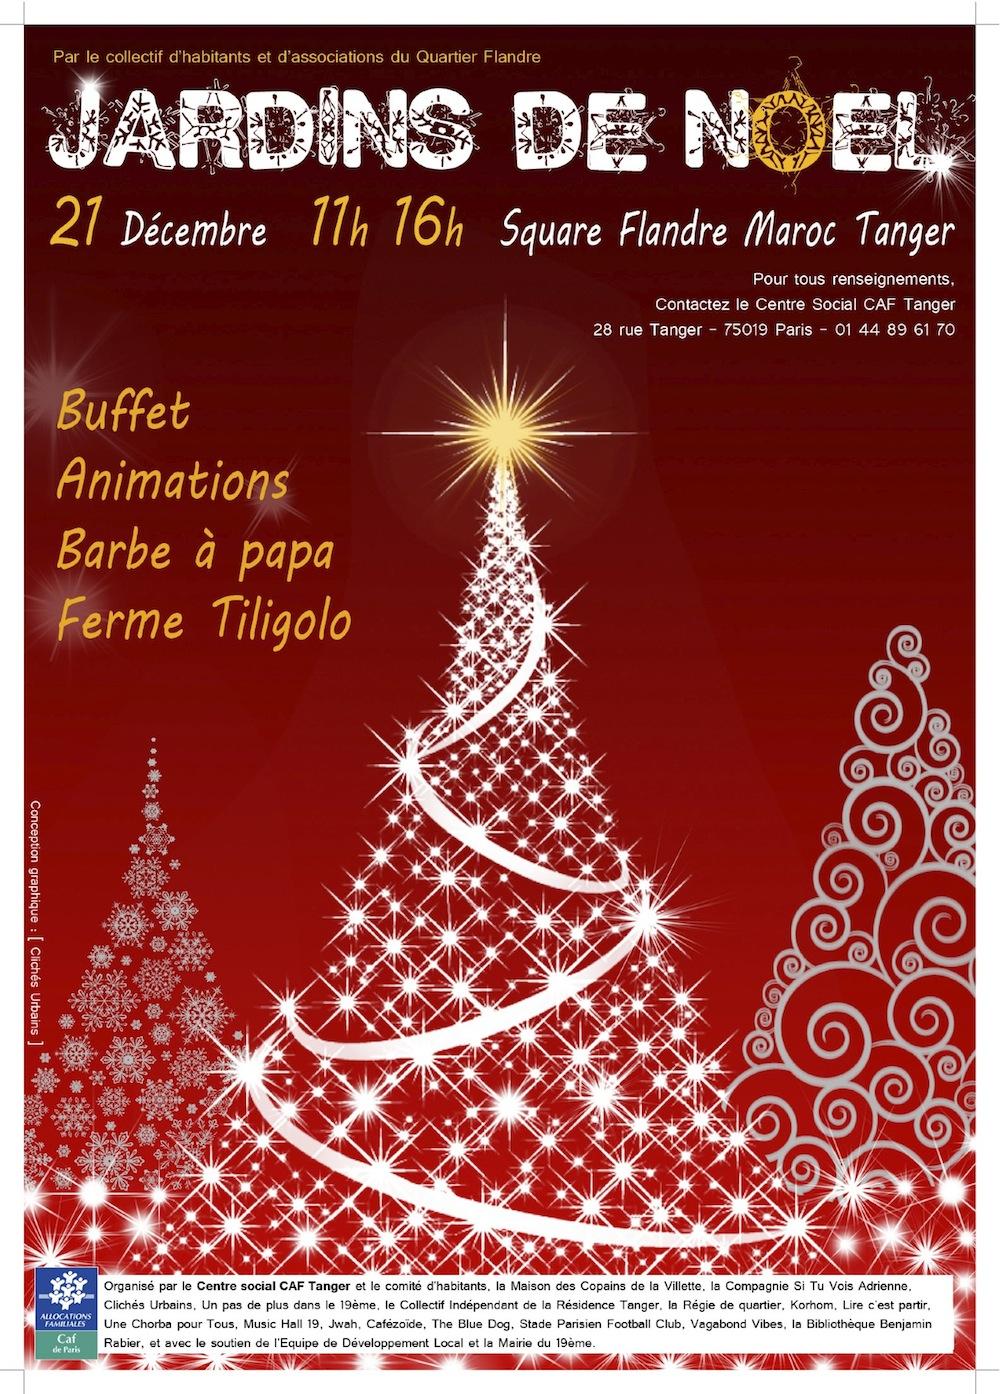 Extrêmement Fête de Noël (Flandre) – Korhom YI09